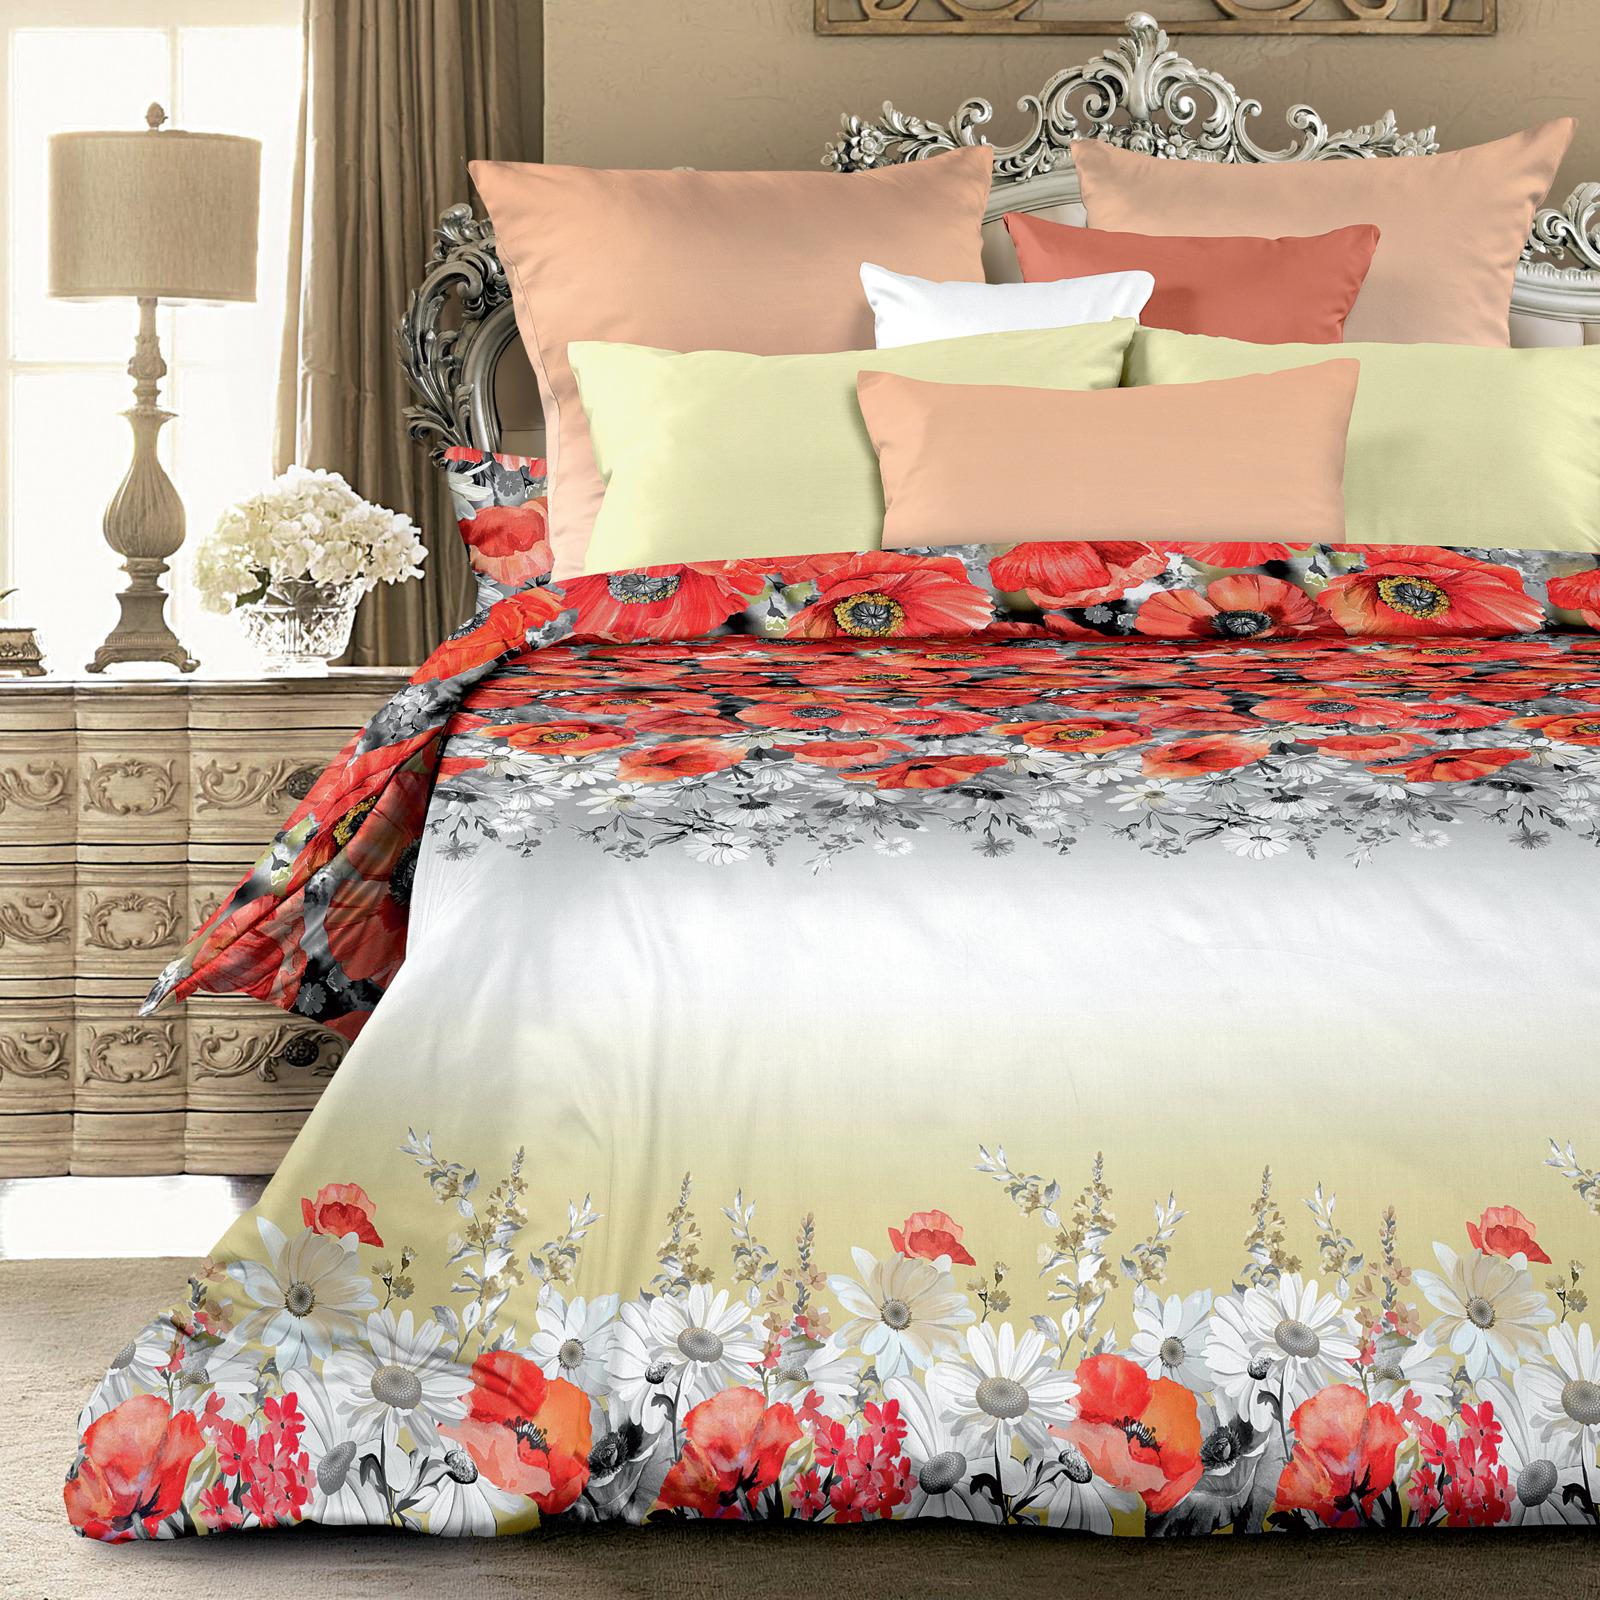 Комплект белья Унисон Альпийский бархат, 522131, 2-спальный, наволочки 70х70 комплект постельного белья унисон бархат